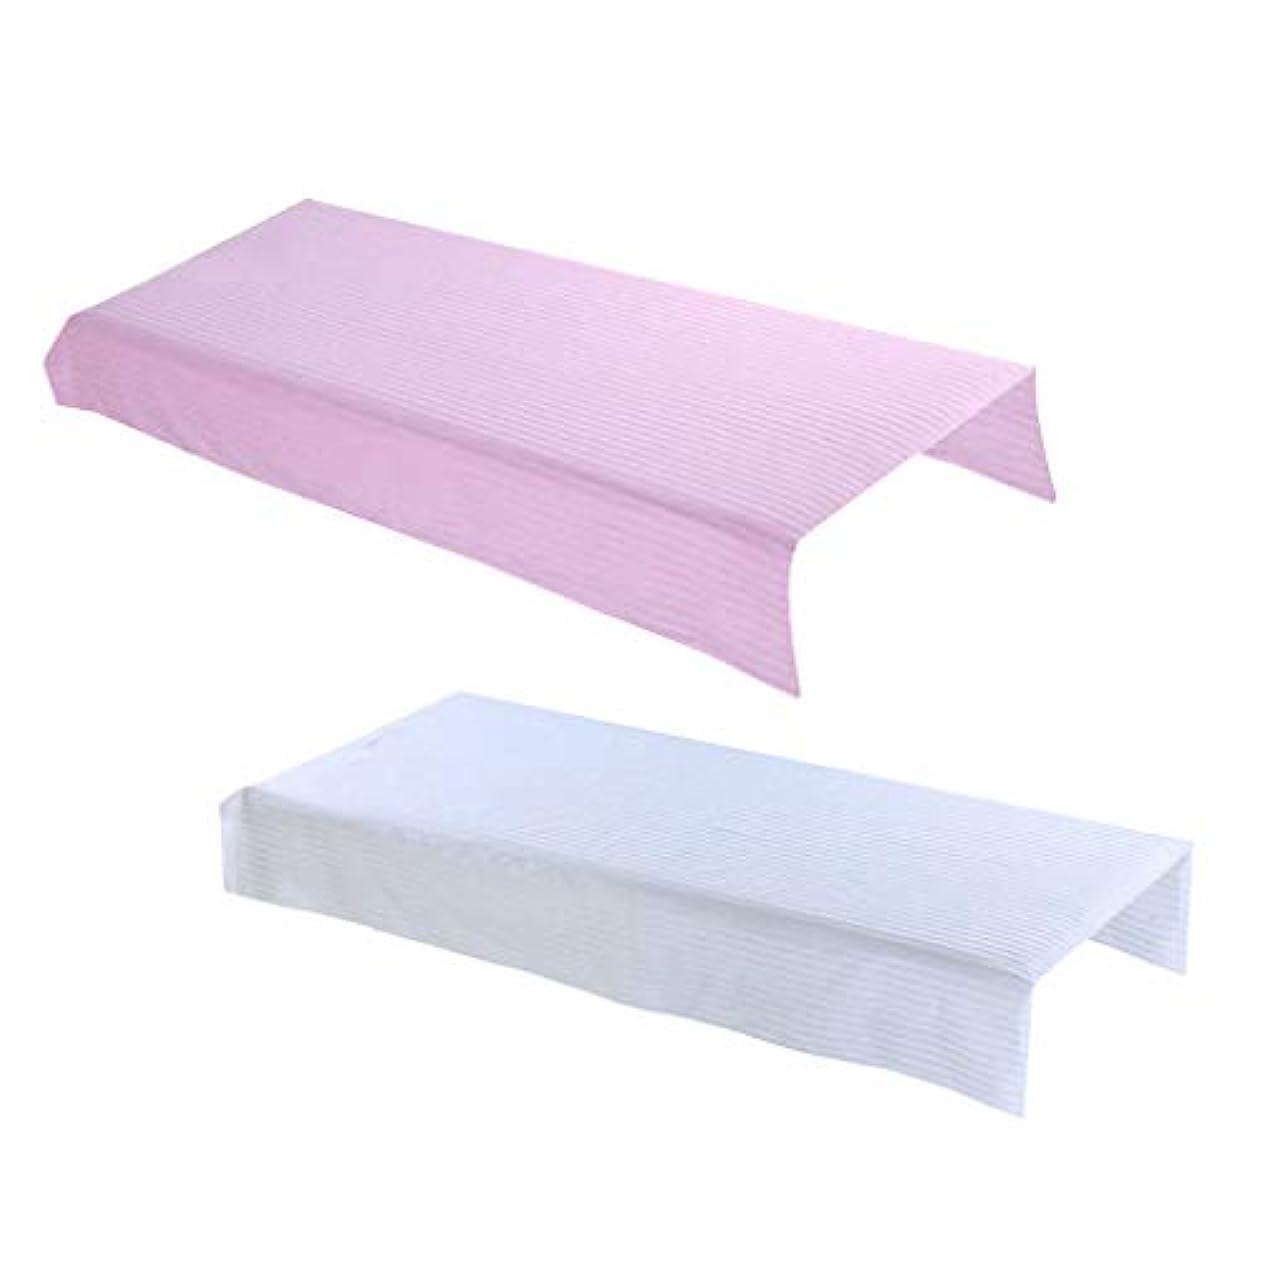 タバコ物理ダブルsharprepublic マッサージベッド カバー スパベッドカバー 美容ベッドシート マッサージテーブルカバー